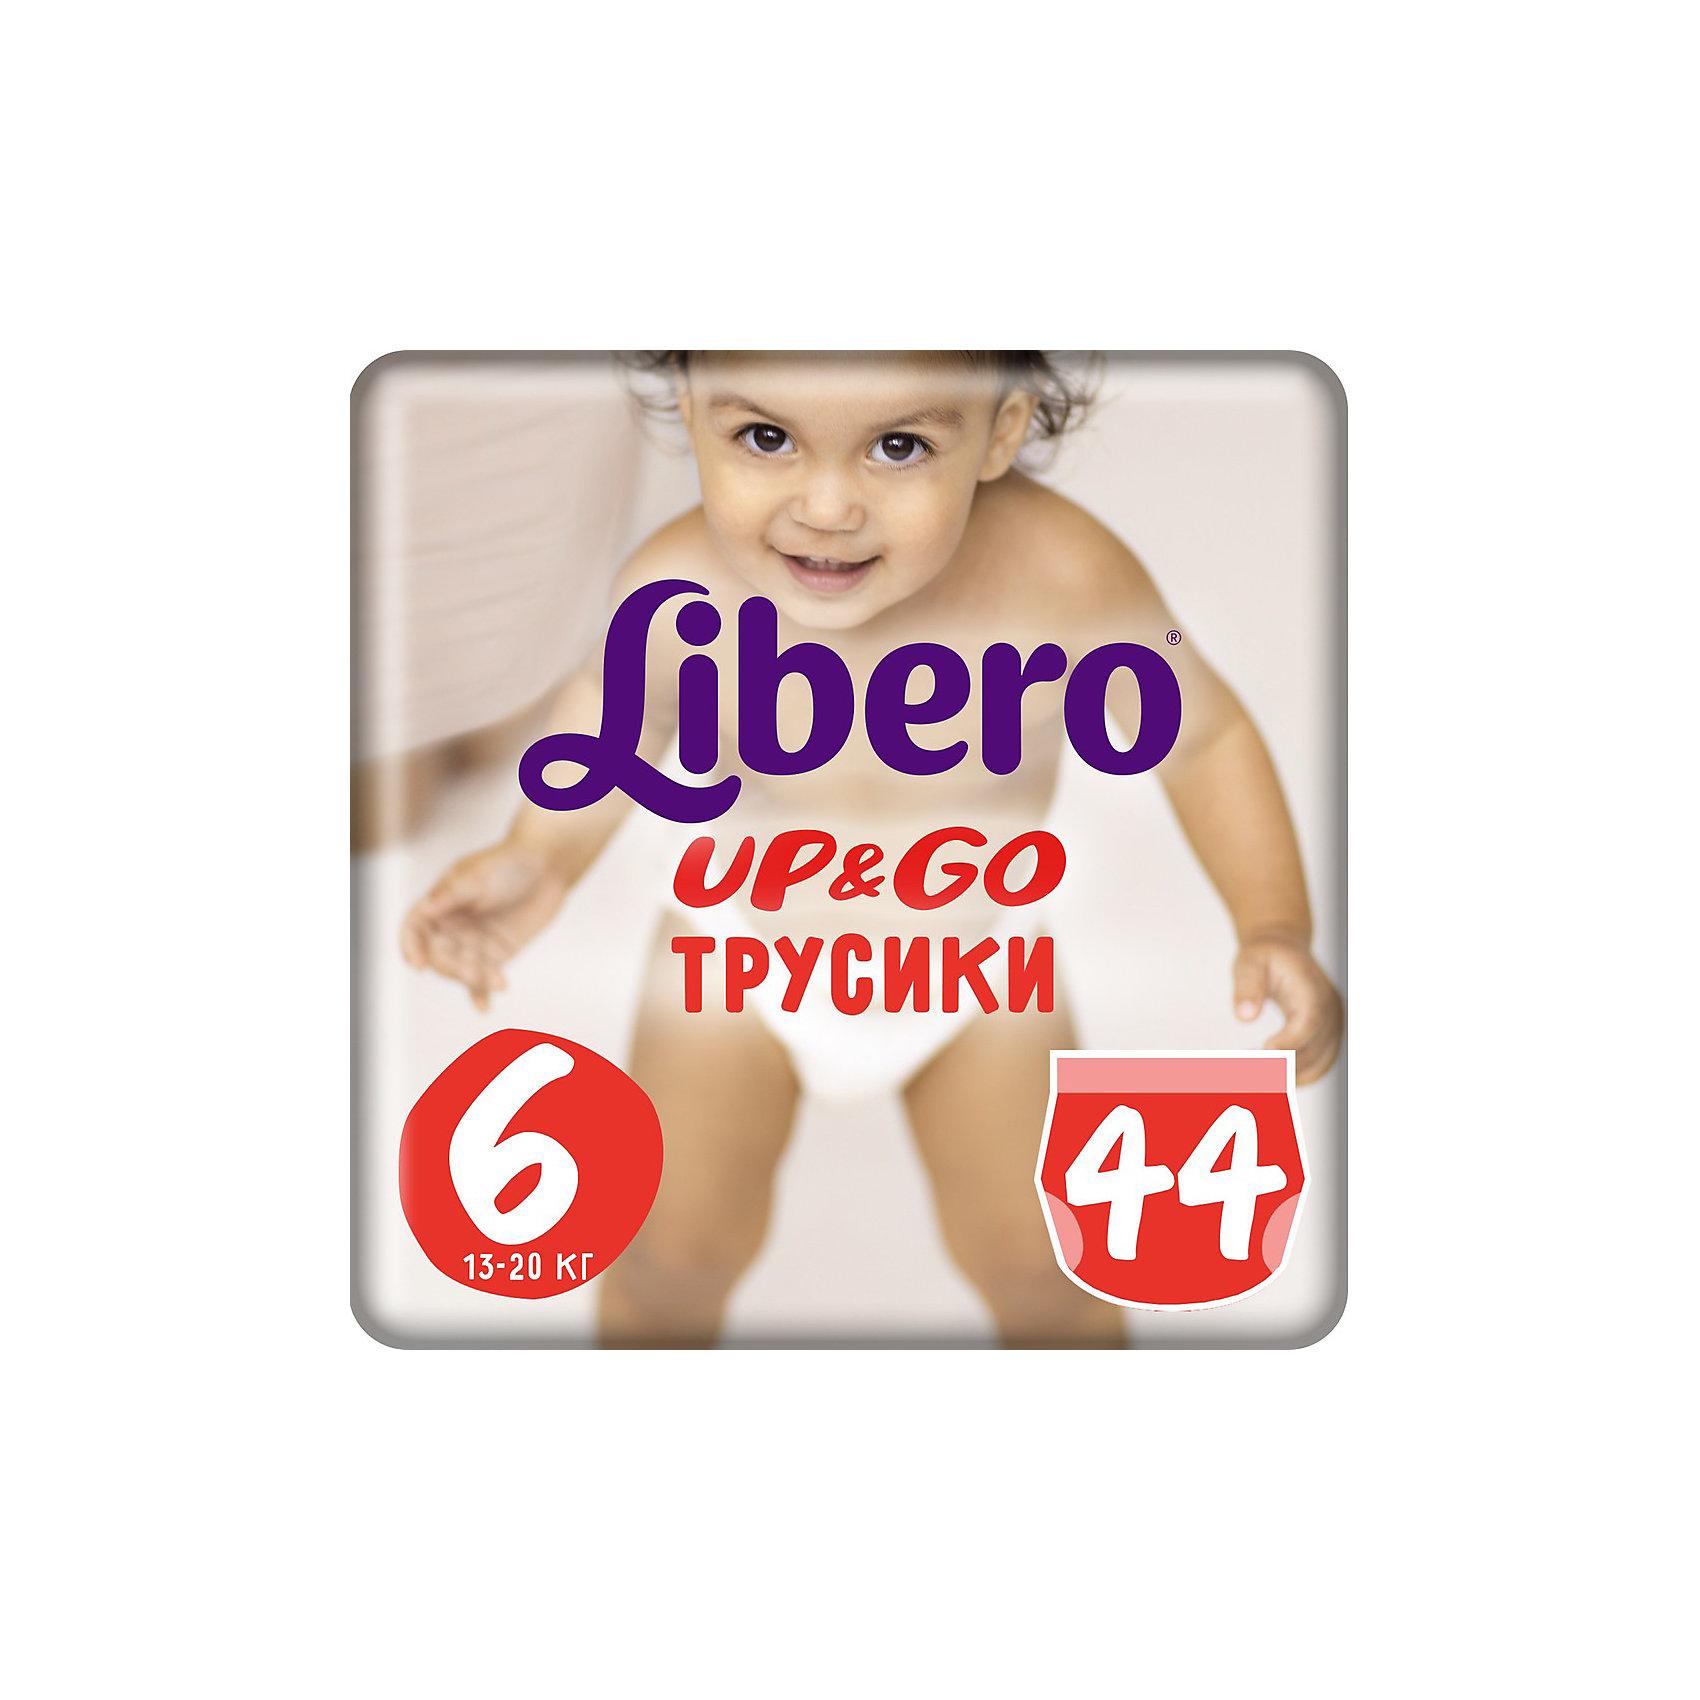 Трусики Up&amp;Go, Mega XL 13-20 кг (6), 44 шт., LiberoТрусики-подгузники<br>Трусики-подгузники Libero Up&amp;Go (Либеро ап энд гоу) Zoo Collection Size 6 (13-20кг), 44 шт.<br><br>Характеристики: <br><br>• легко надевать<br>• мягкие и тонкие трусики<br>• отлично впитывают и удерживают влагу<br>• тянущийся поясок из дышащих материалов<br>• барьеры вокруг ножек защищают от протекания<br>• не сковывают движений<br>• легко снимать и сворачивать<br>• привлекательный дизайн с животными<br>• размер: 6 (13-20 кг)<br>• количество в упаковке: 44 шт.<br><br>Трусики-подгузники Libero Up&amp;Go из коллекции Зоопарк идеально подойдут для самых активных малышей. Вы с легкостью сможете надеть трусики-подгузники, даже если ваш непоседа не любит спокойно сидеть. Несмотря на небольшую толщину, трусики отлично впитывают и удерживают влагу, не сковывая движений крохи. Барьеры вокруг ножек и эластичный пояс предотвратят возможные протекания. После использования вы легко снимите подгузник, разорвав боковые швы. Клеящая лента поможет закрепить использованный подгузник после сворачивания. Трусики имеют приятный дизайн, который понравится и ребенку, и родителям: 6 различных зверюшек, которых можно встретить в любом зоопарке. Предложите малышу изучить животных и выбрать, кого из них он хочет надеть. С этими трусиками-подгузниками процесс переодевания превратится в настоящую игру!<br><br>Трусики-подгузники Libero Up&amp;Go Zoo Collection Size 6 (13-20кг), 44 шт. вы можете приобрести в нашем интернет-магазине.<br><br>Ширина мм: 147<br>Глубина мм: 250<br>Высота мм: 394<br>Вес г: 1881<br>Возраст от месяцев: 12<br>Возраст до месяцев: 60<br>Пол: Унисекс<br>Возраст: Детский<br>SKU: 3517654